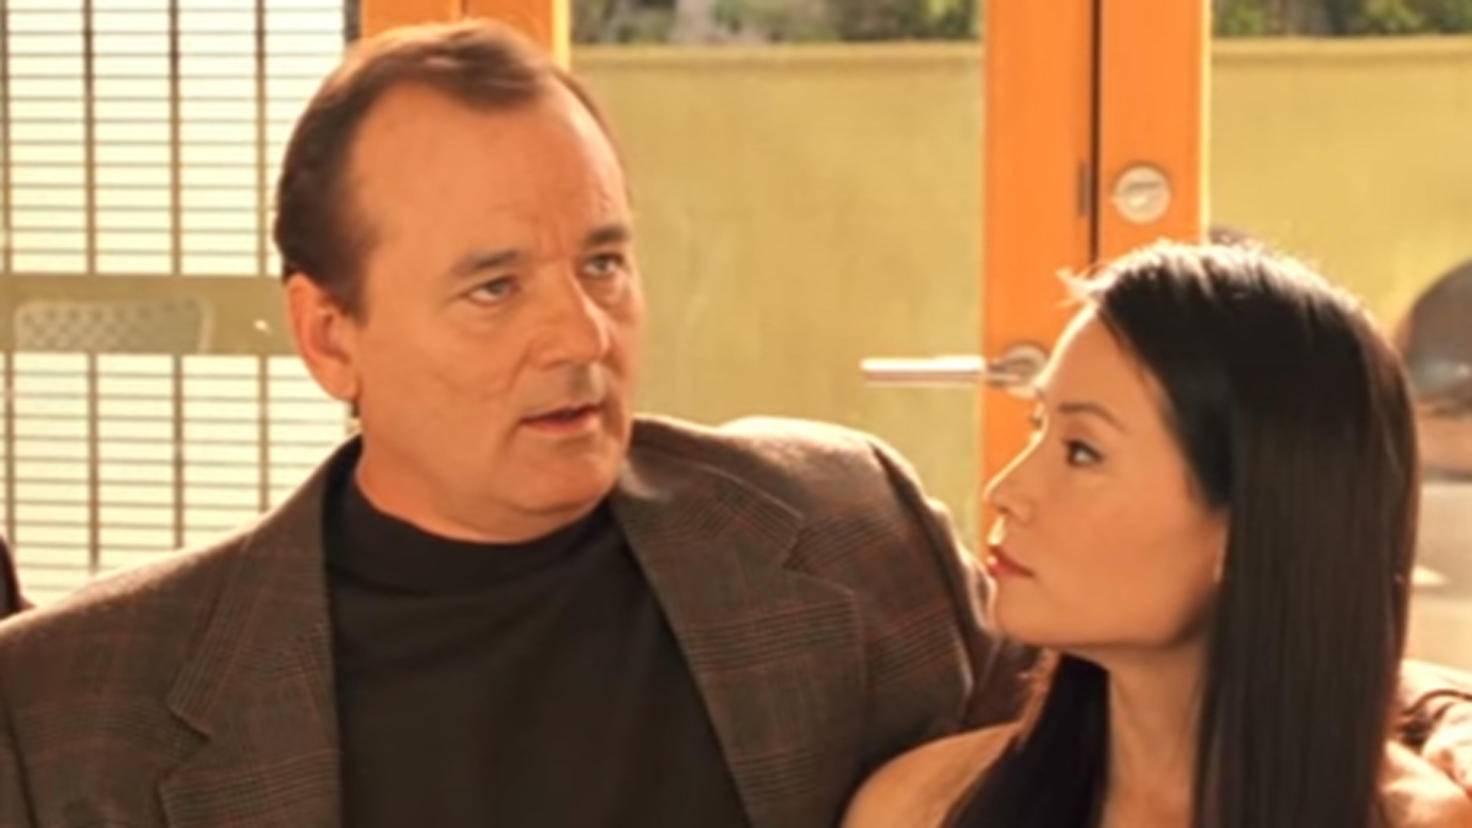 Zwischen Bill Murray und Lucy Liu flogen nicht nur die Fetzen, sondern auch gleich die Fäuste.